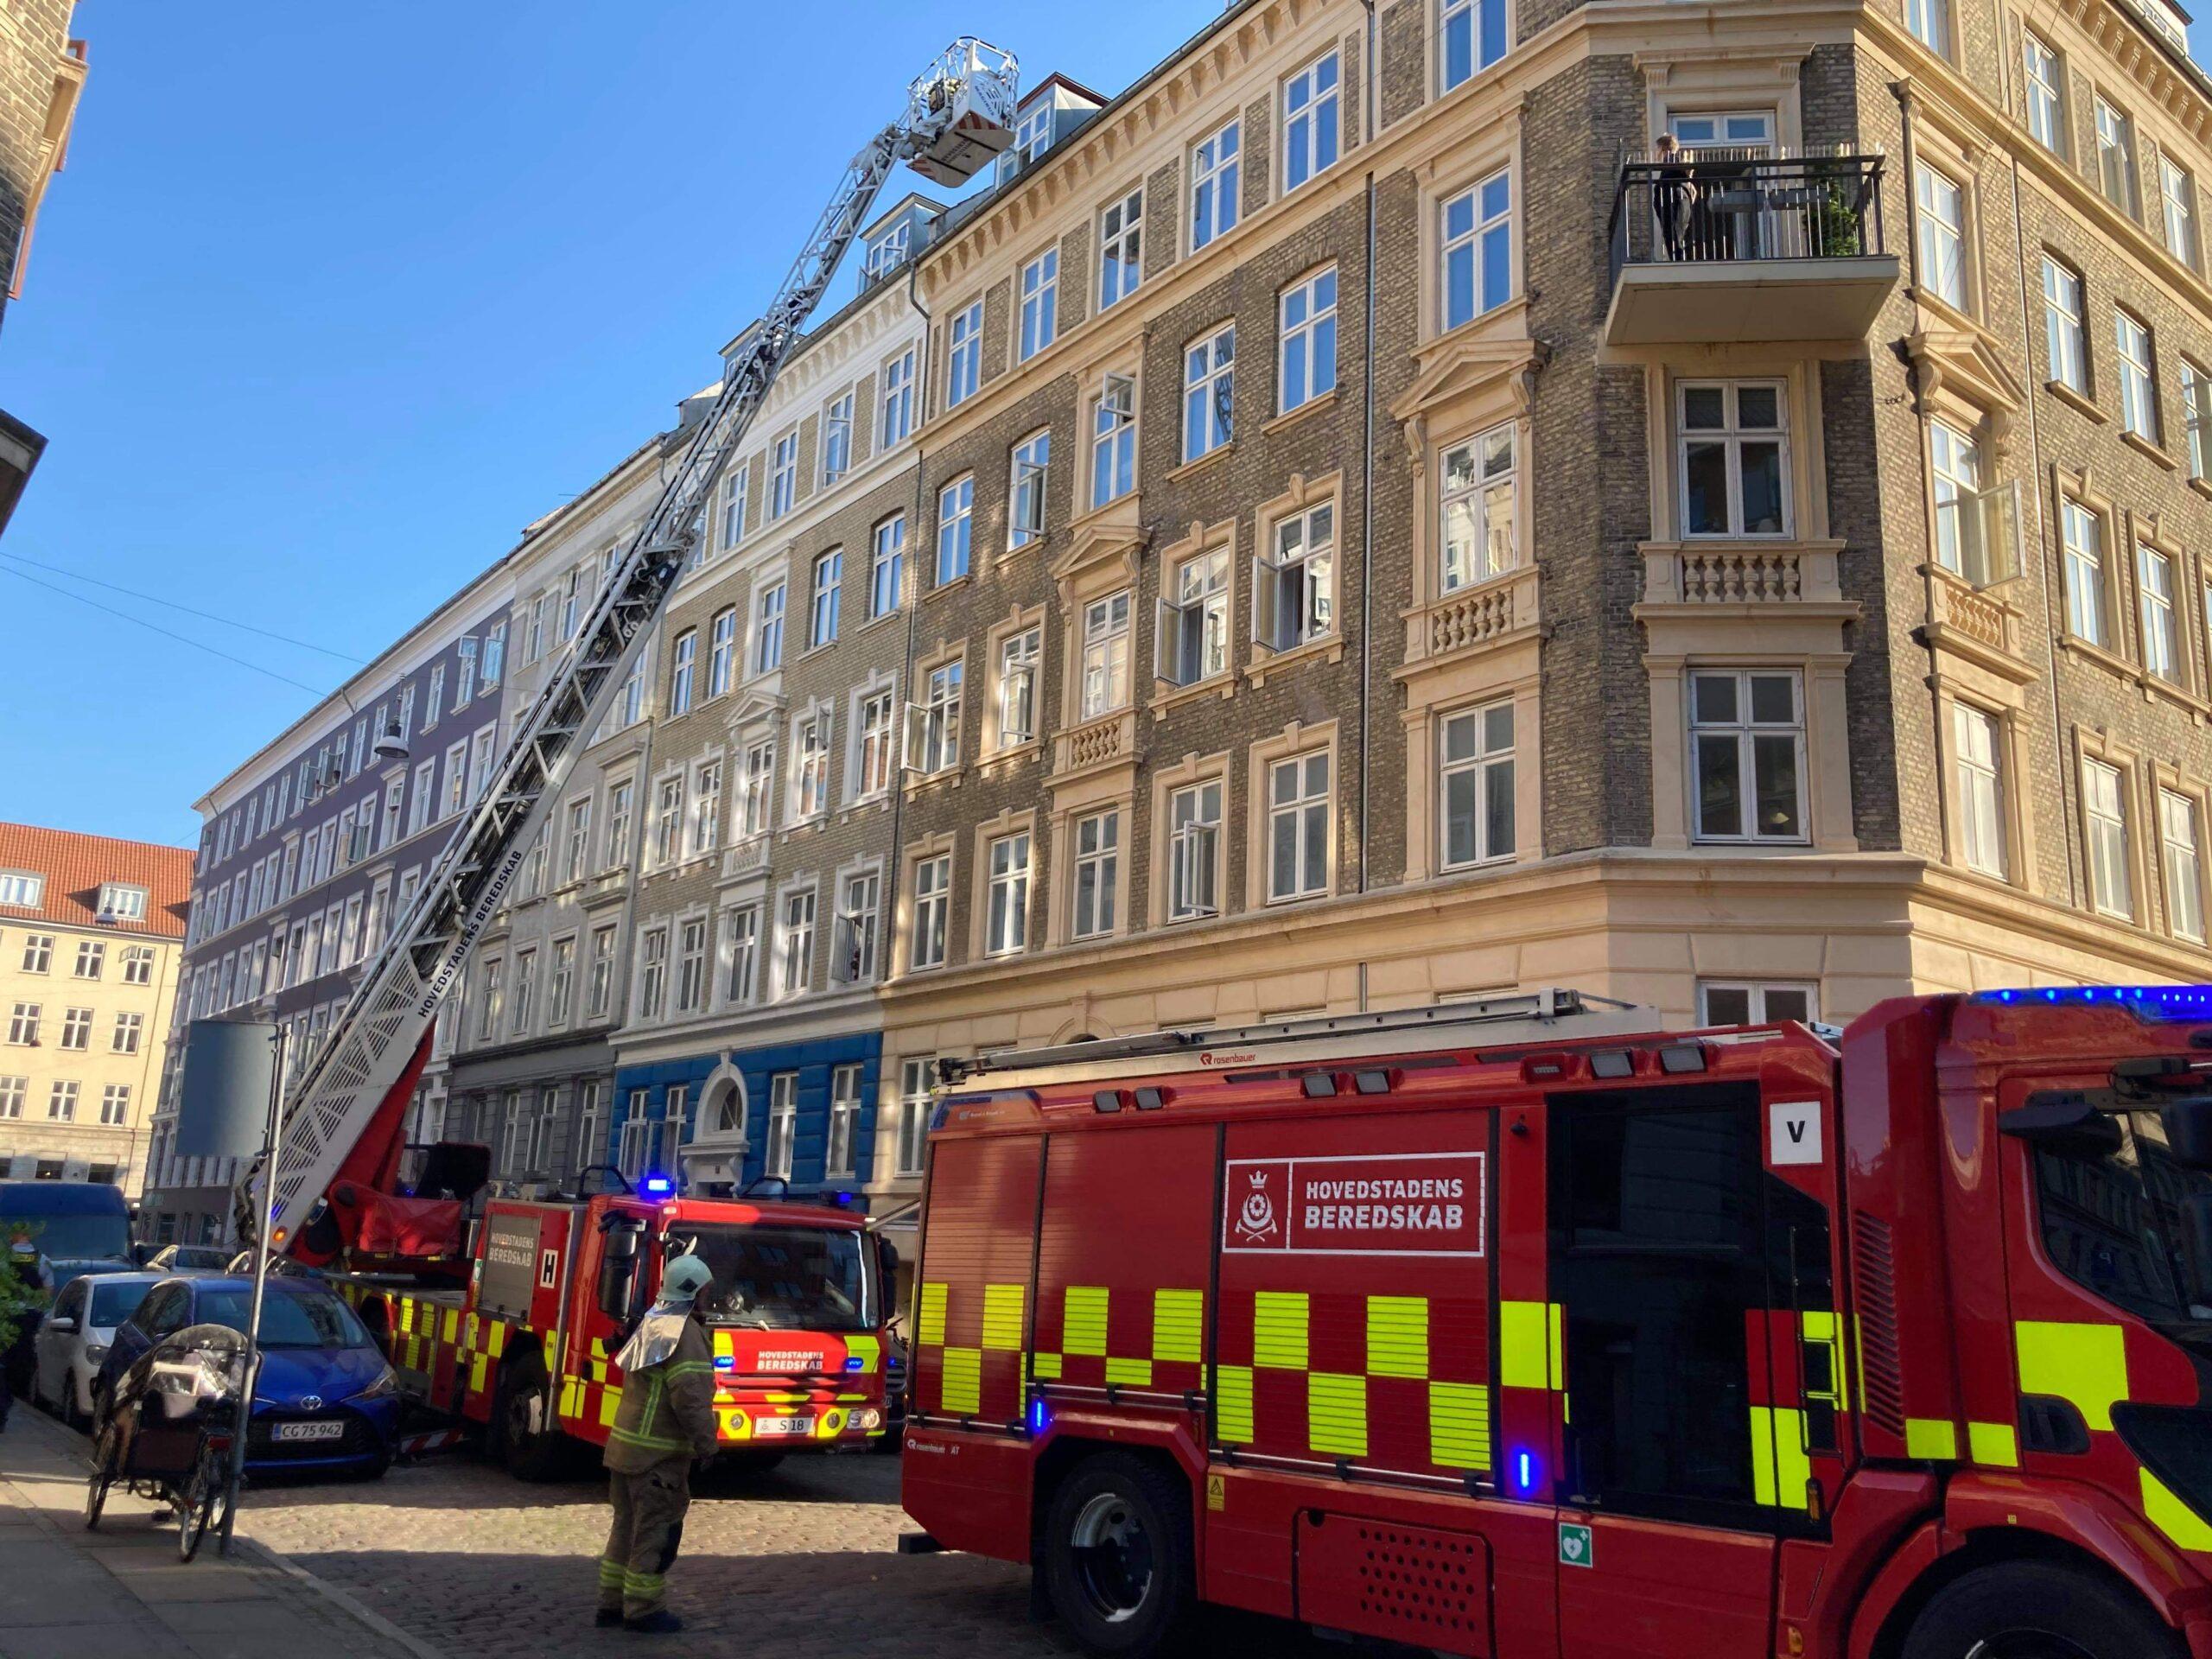 Lejlighedsbrand i København - brandvæsnet er talstærkt til stede